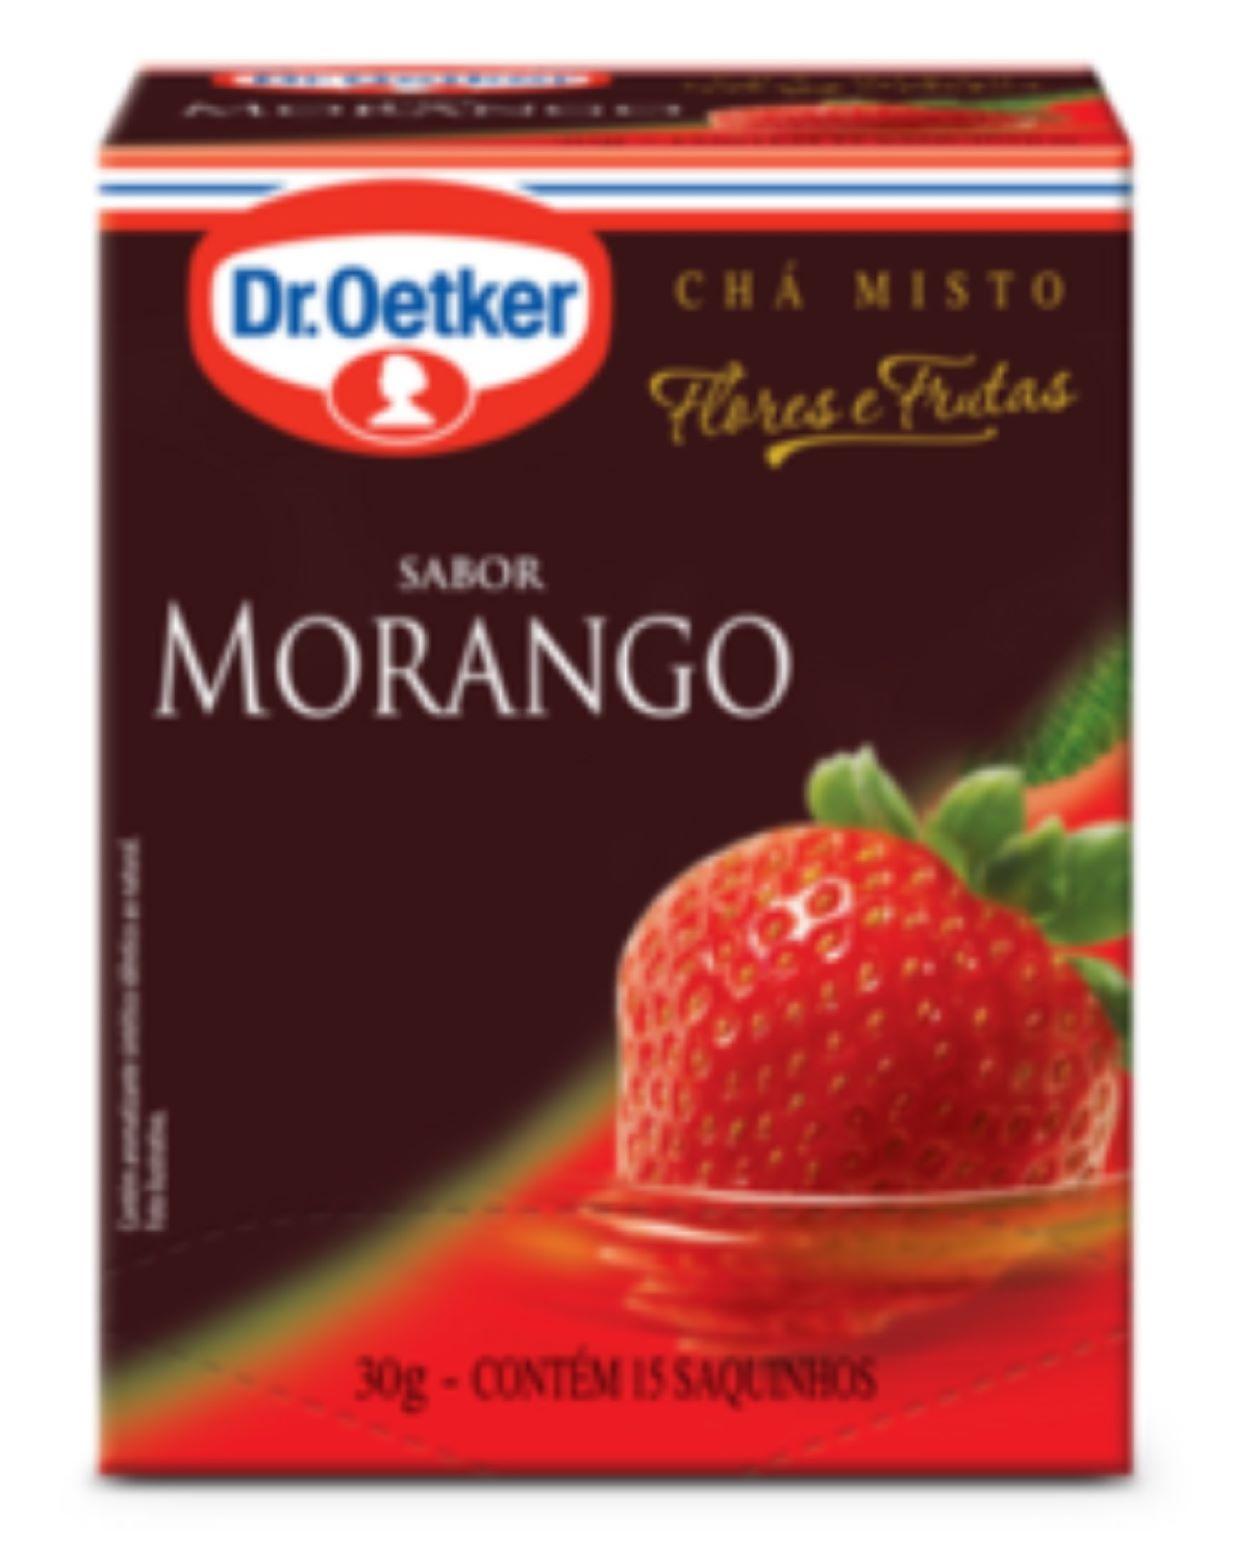 CHÁ DE MORANGO DR. OETKER KIT COM 2 CAIXAS